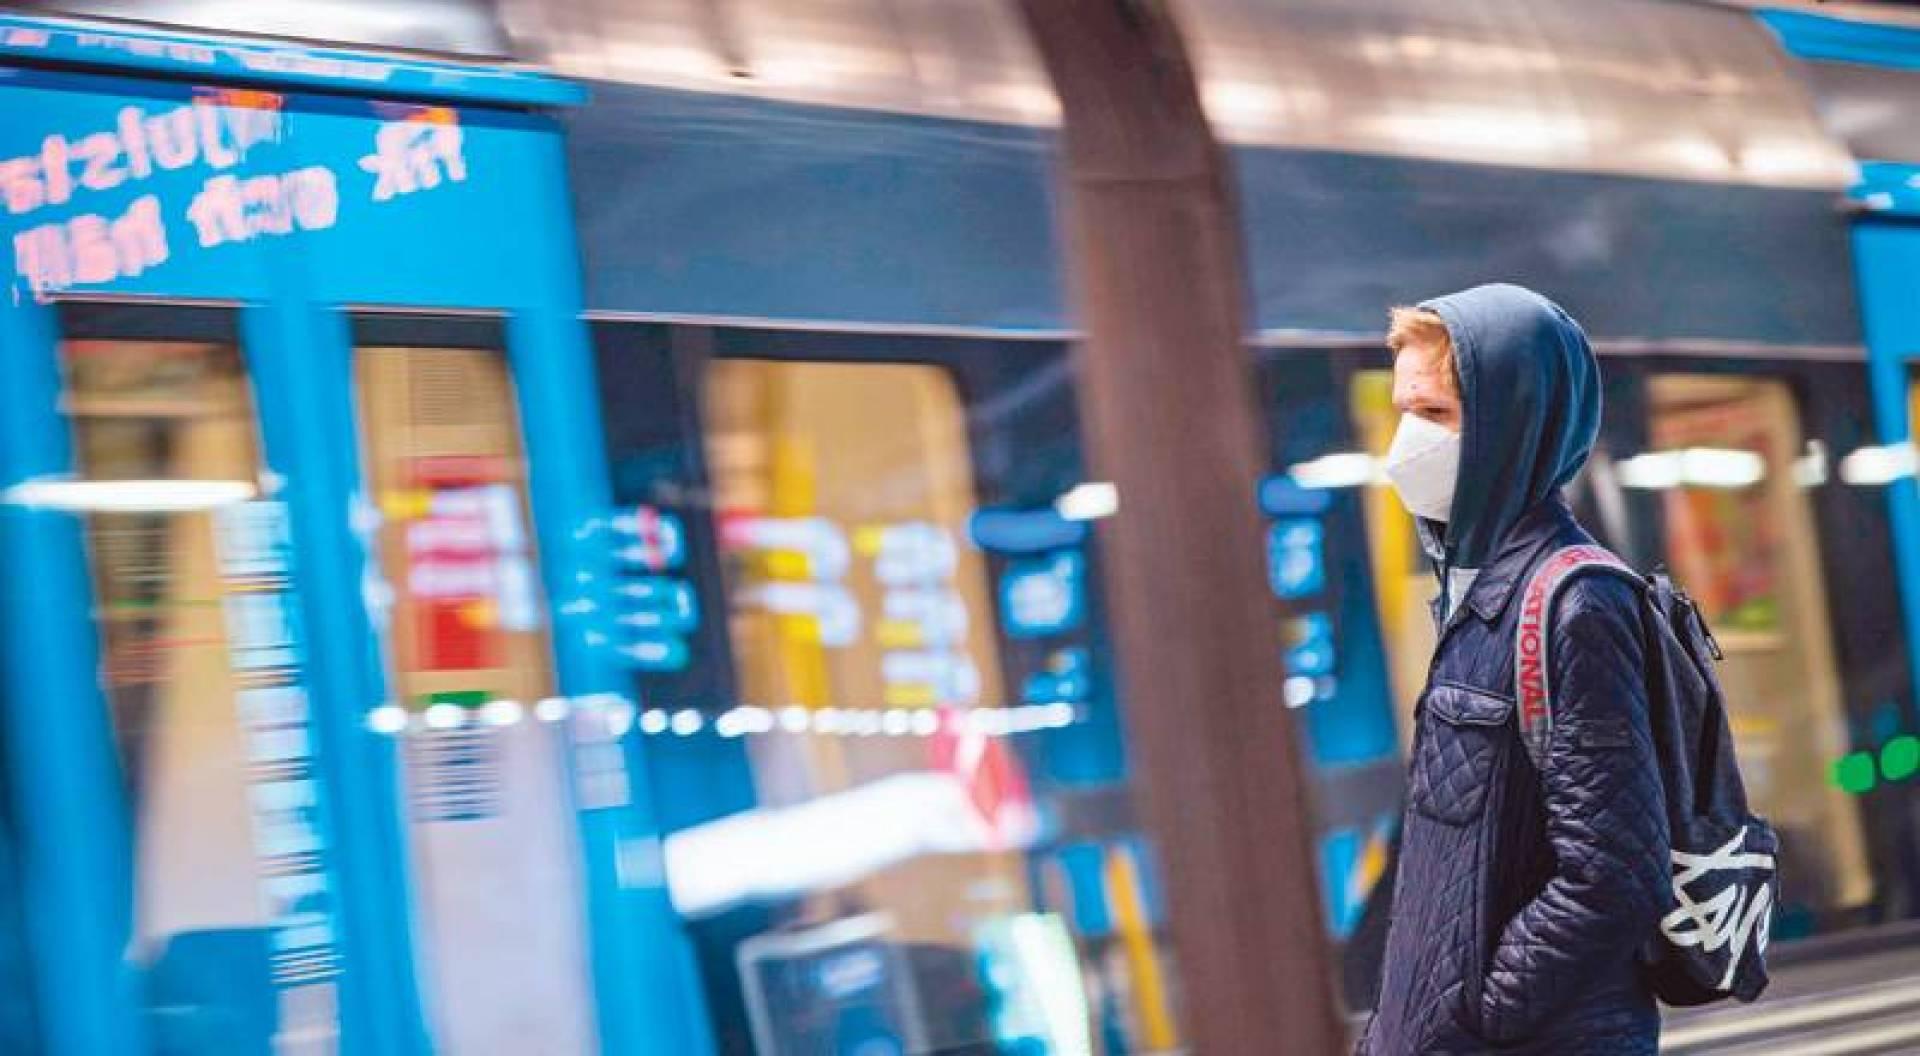 مسافر مرتدياً كماماً ينتظر المترو بمحطة استوكهولم